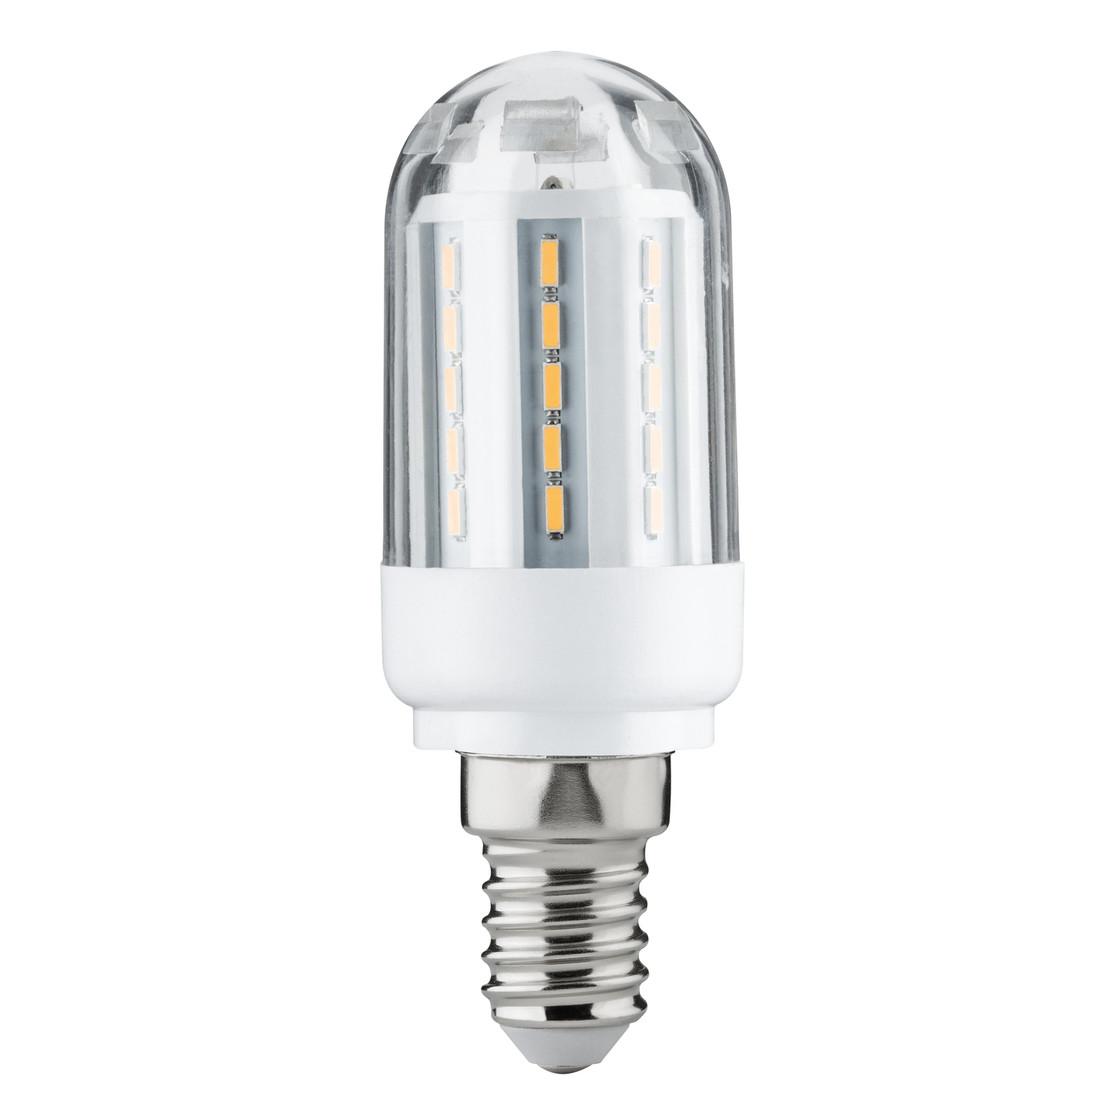 Paulmann 284.13 LED Kolbenlampe klar Wandleuchte 3,5W E14 ...